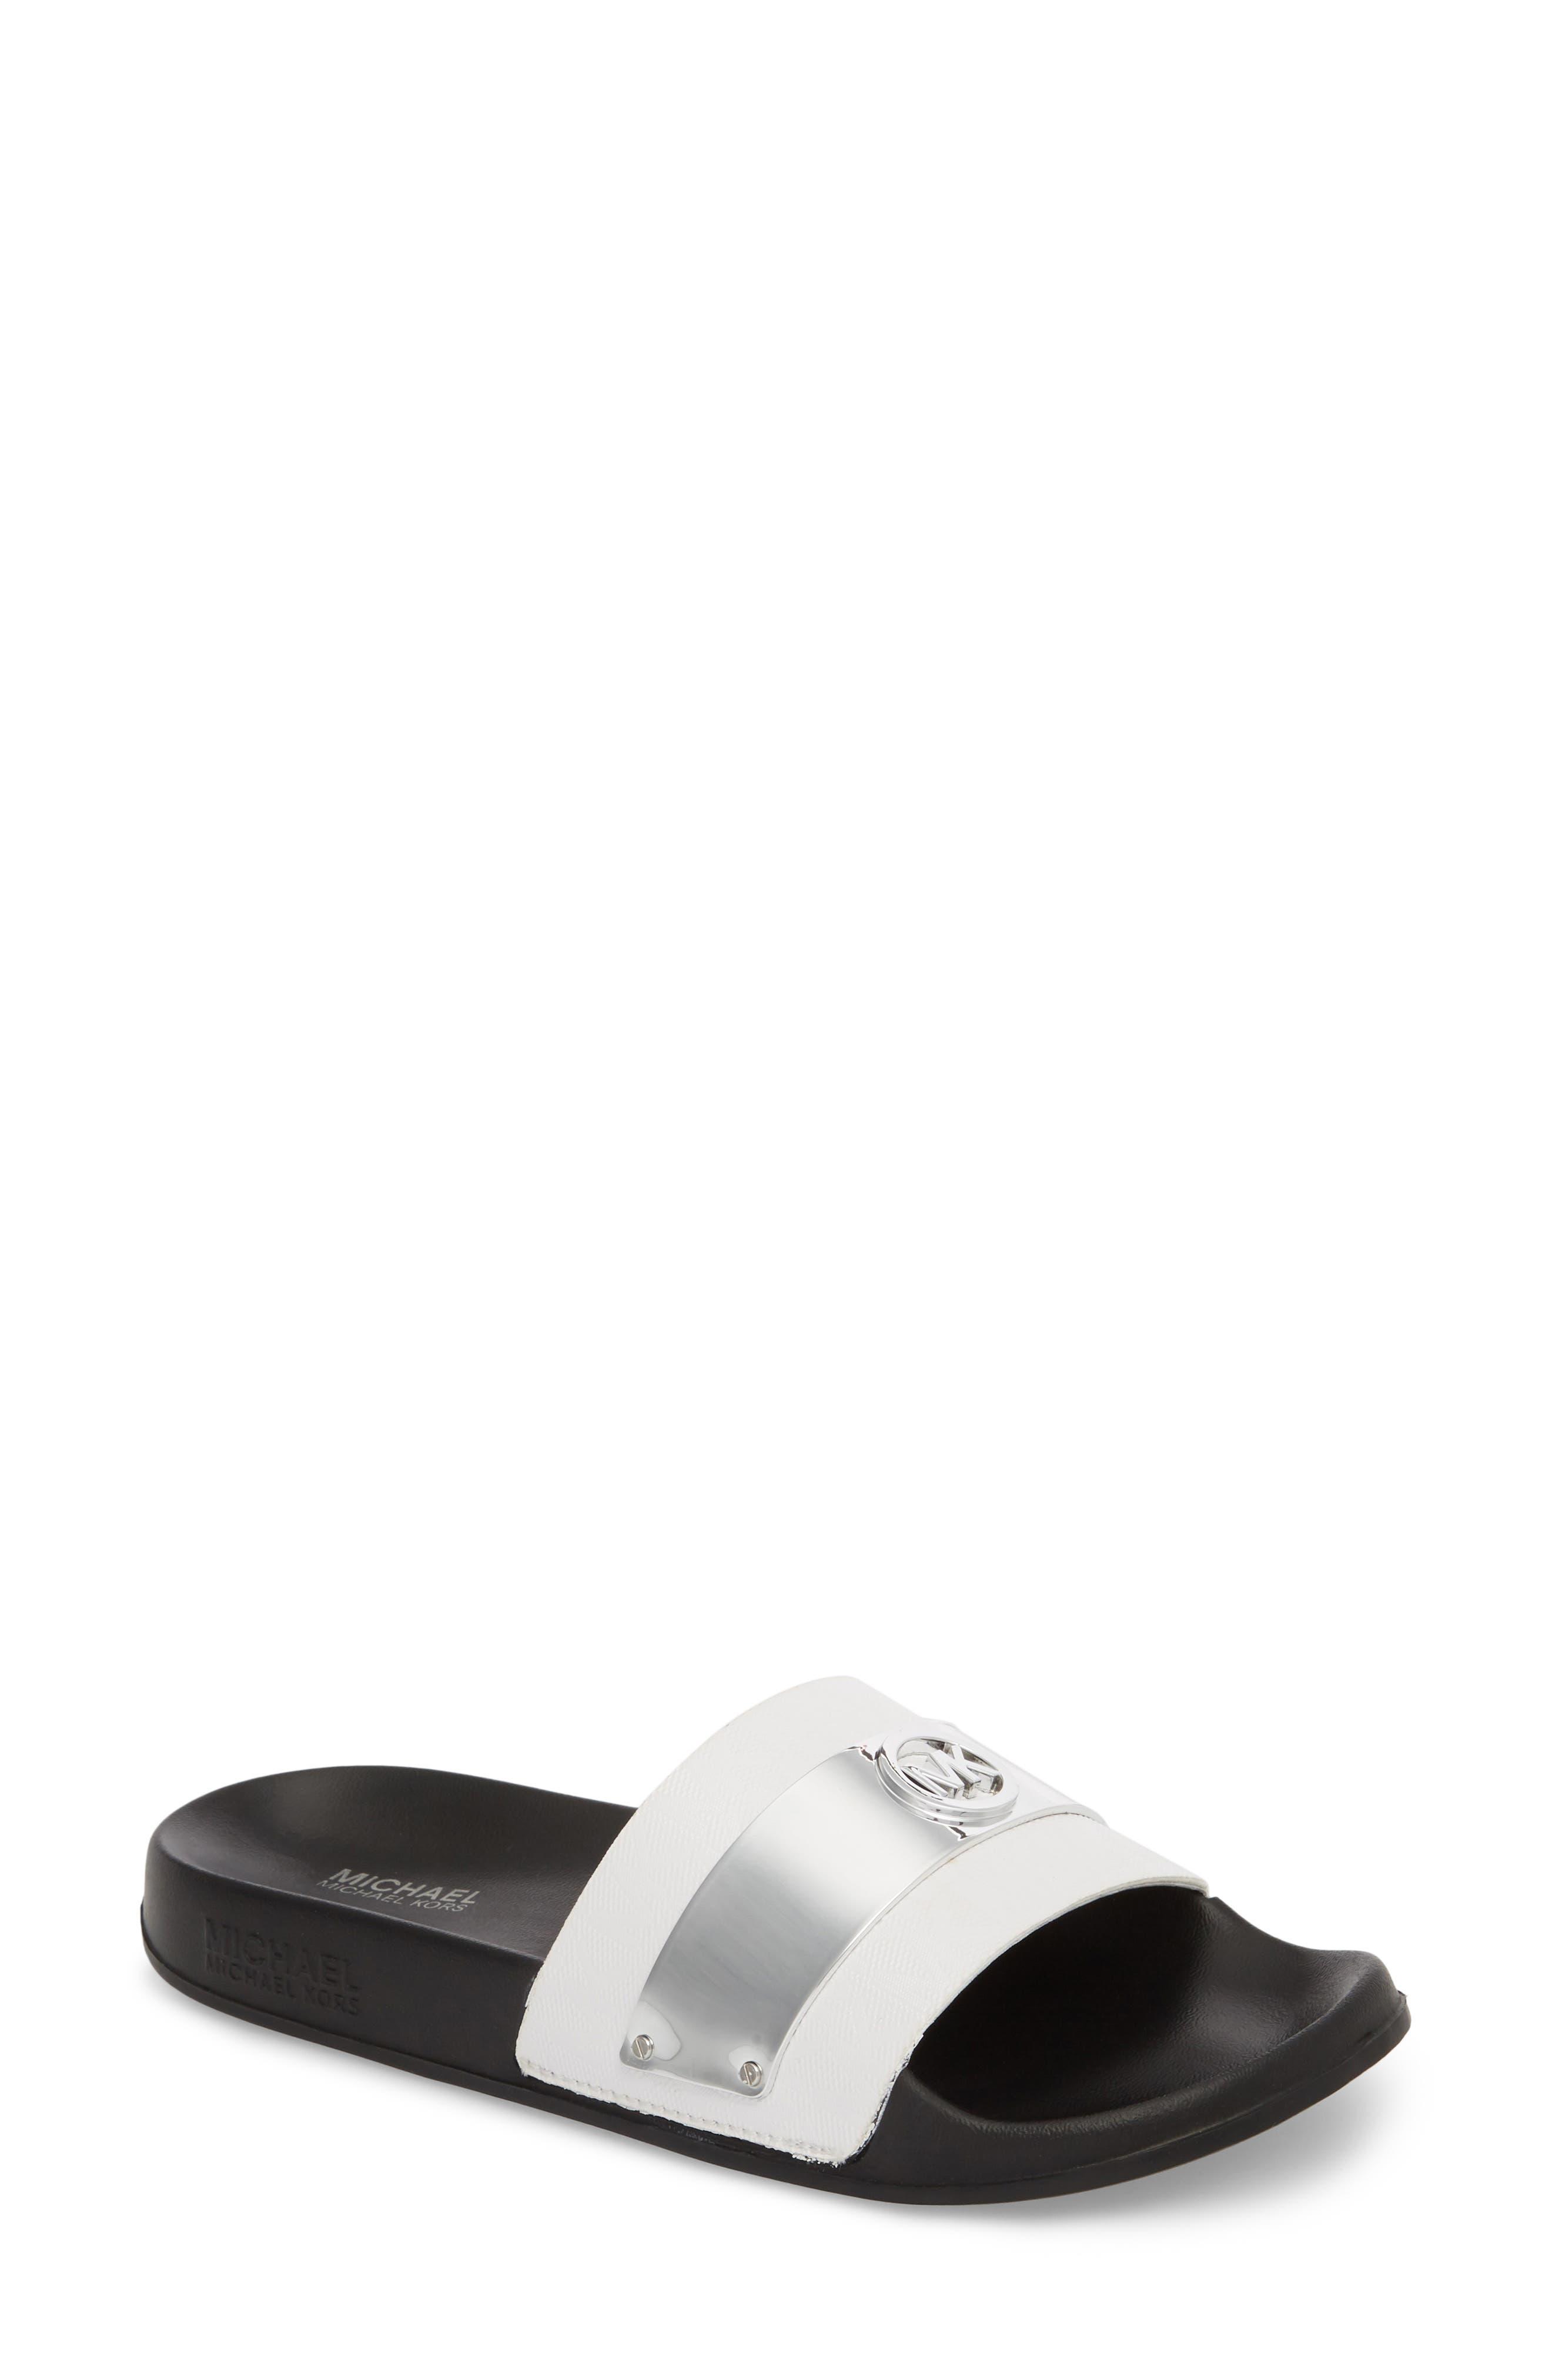 Jett Slide Sandal,                         Main,                         color, 100